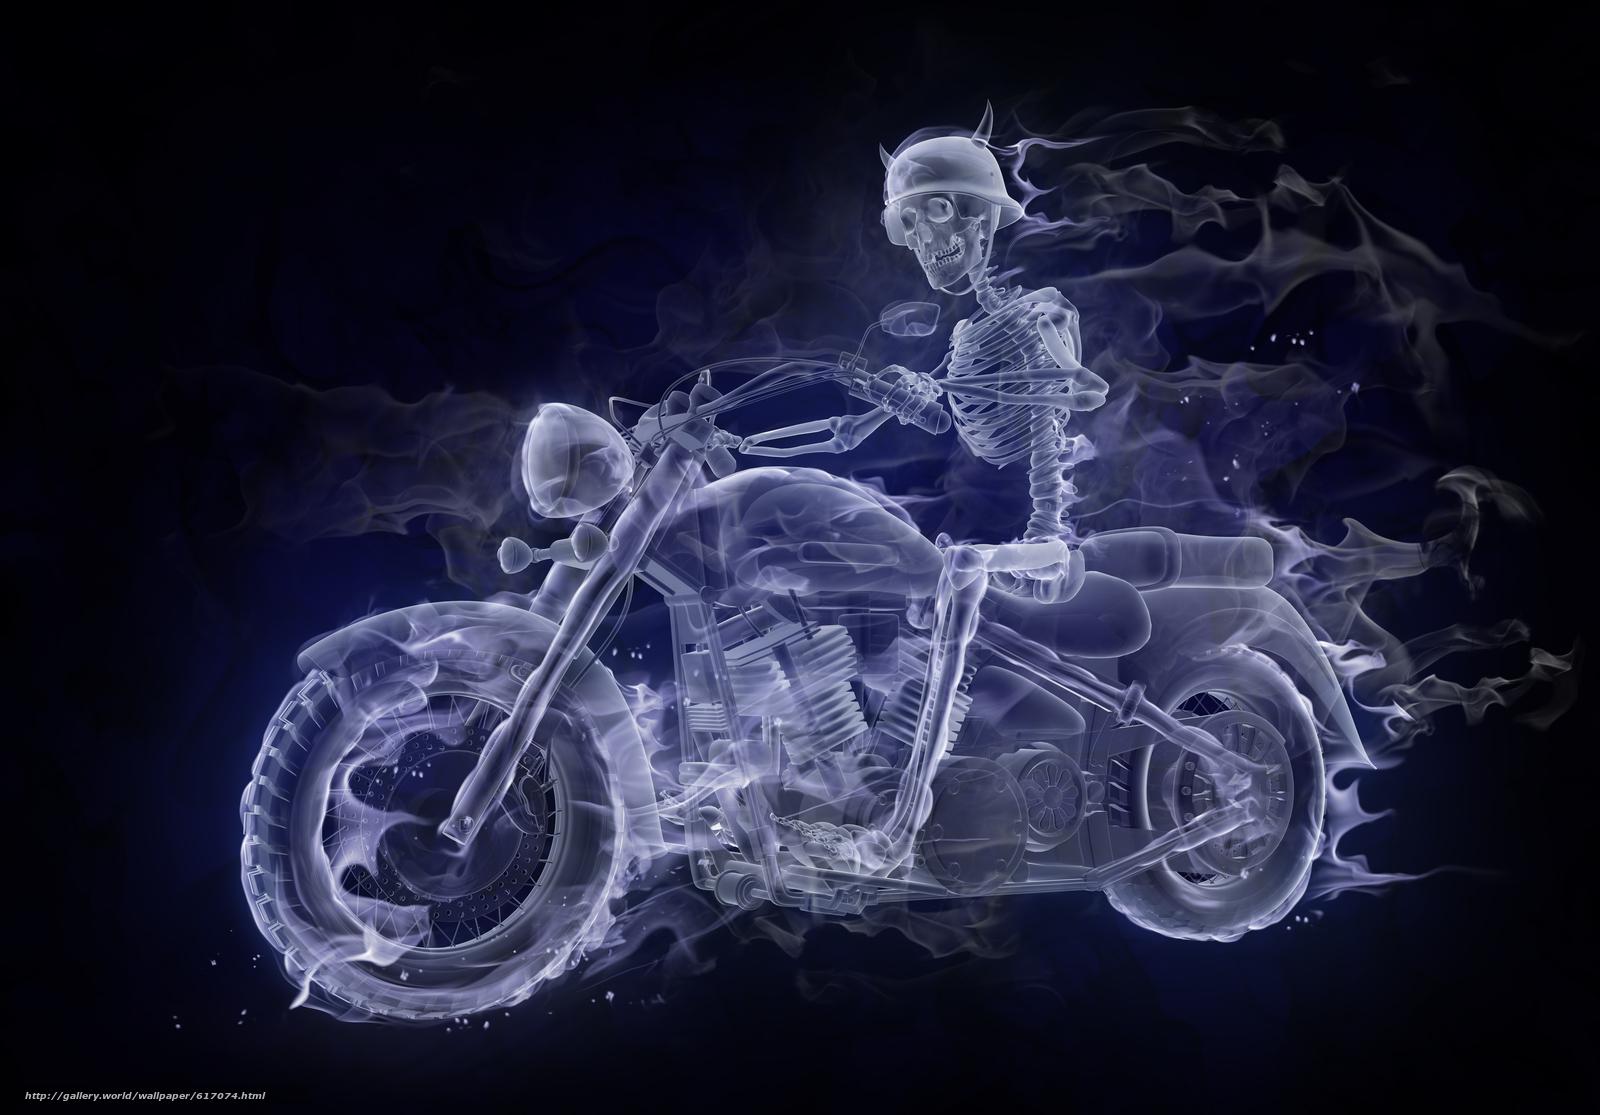 Скачать обои Fire,  Smoke,  Biker бесплатно для рабочего стола в разрешении 5465x3809 — картинка №617074